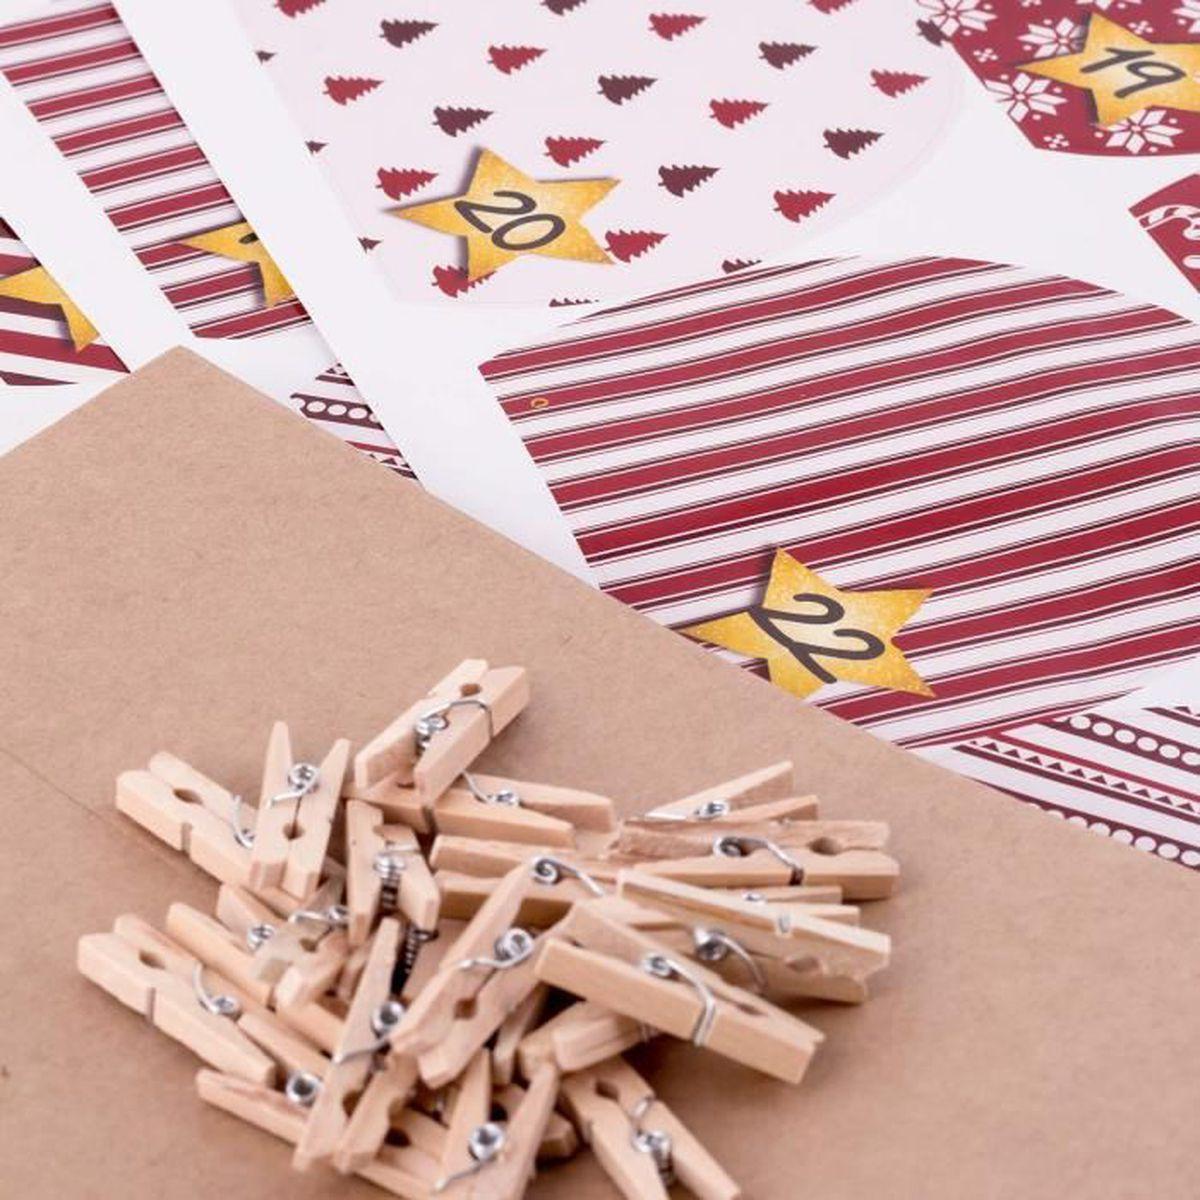 Calendrier De L Avent À Fabriquer Soi Même calendrier de l'avent pajoma à fabriquer soi-même, avec 24 chouettes rouges  de noël en papier kraft à garnir, avec autocollants